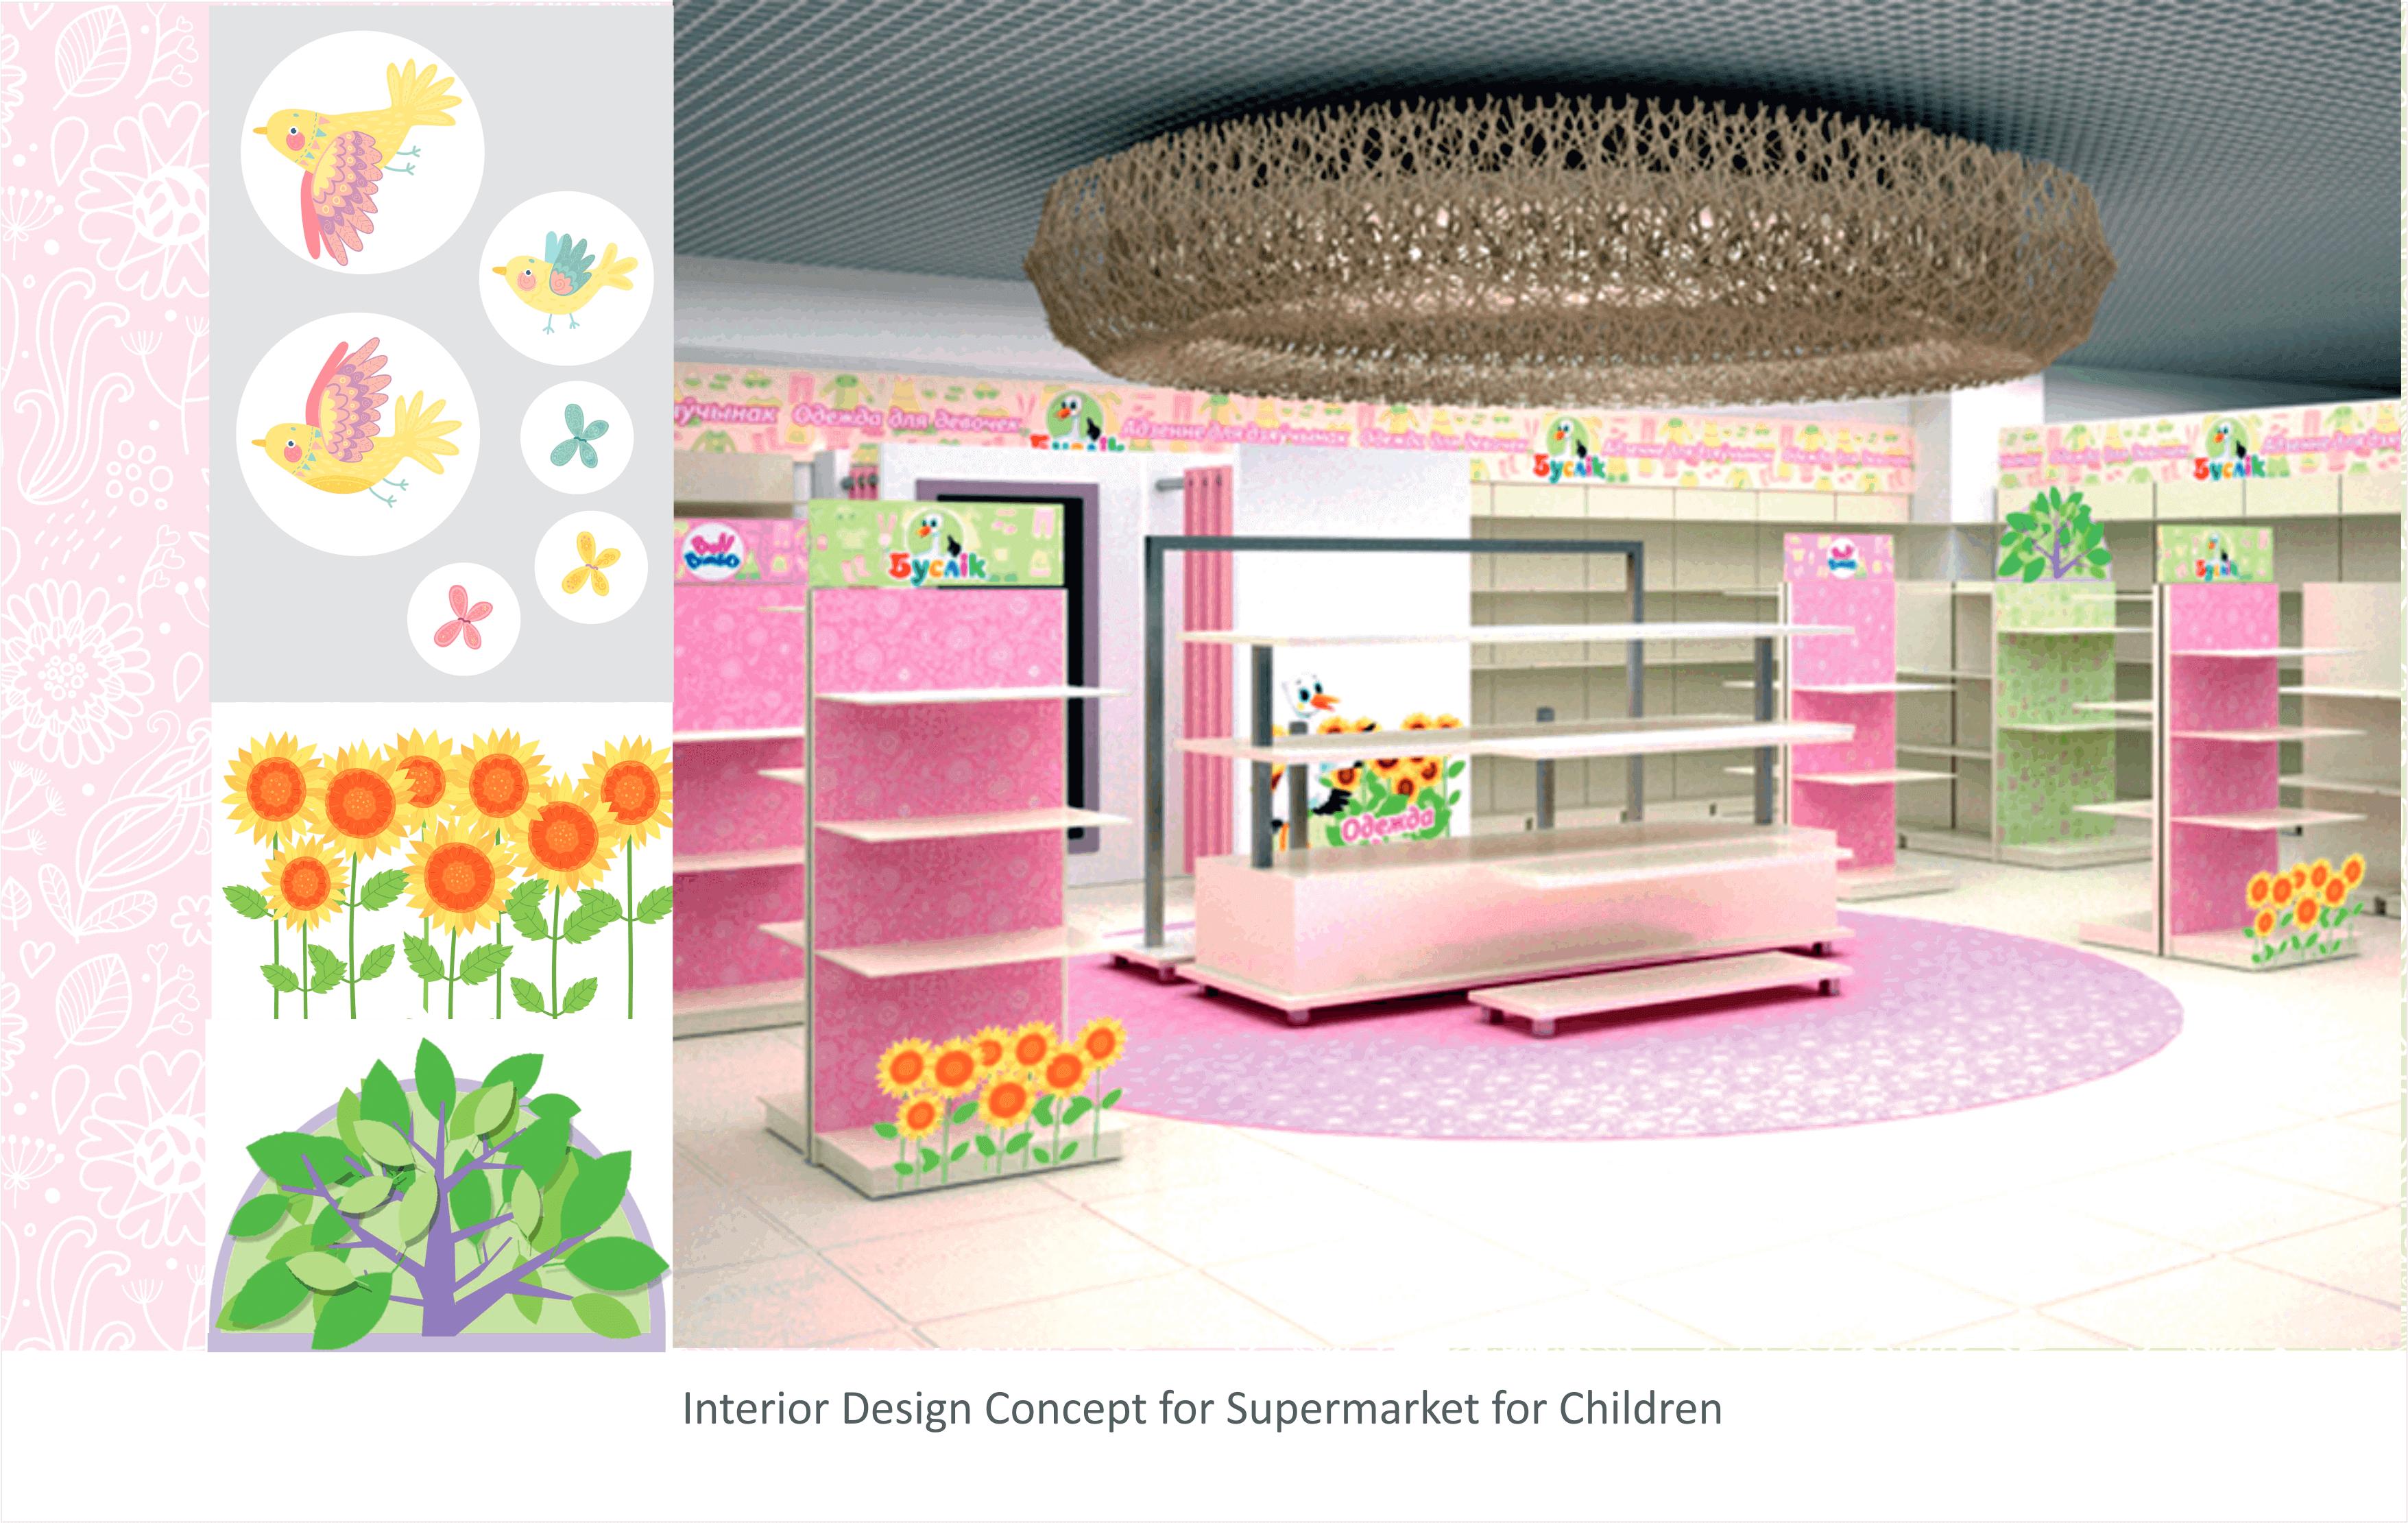 children-supermarket-company-interior-design-concept-1